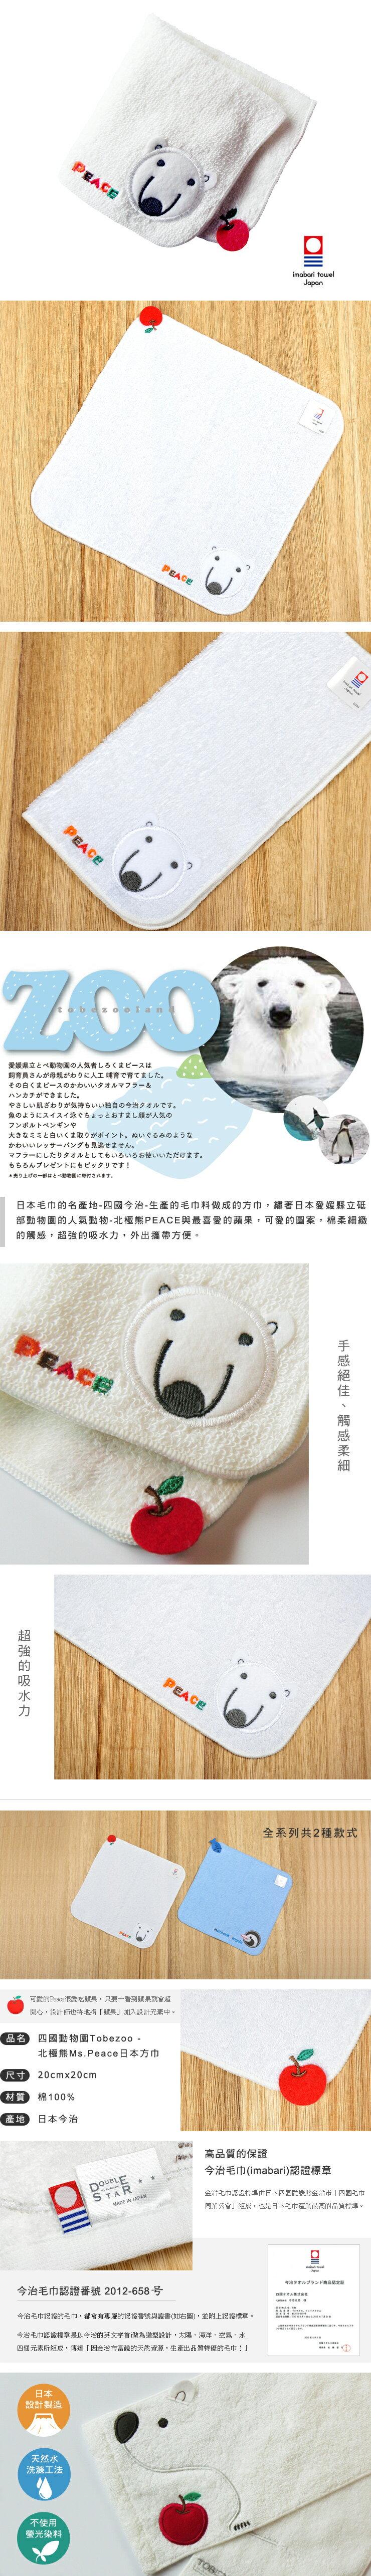 日本今治毛巾imabari towel - 四國動物園Tobezoo - 北極熊Ms.Peace日本方巾《日本設計製造》《全館免運費》,純棉100%,吸汗且質地柔軟,吸水性強,日本設計製造,天然水洗滌工法,不使用螢光染料,不添加染劑